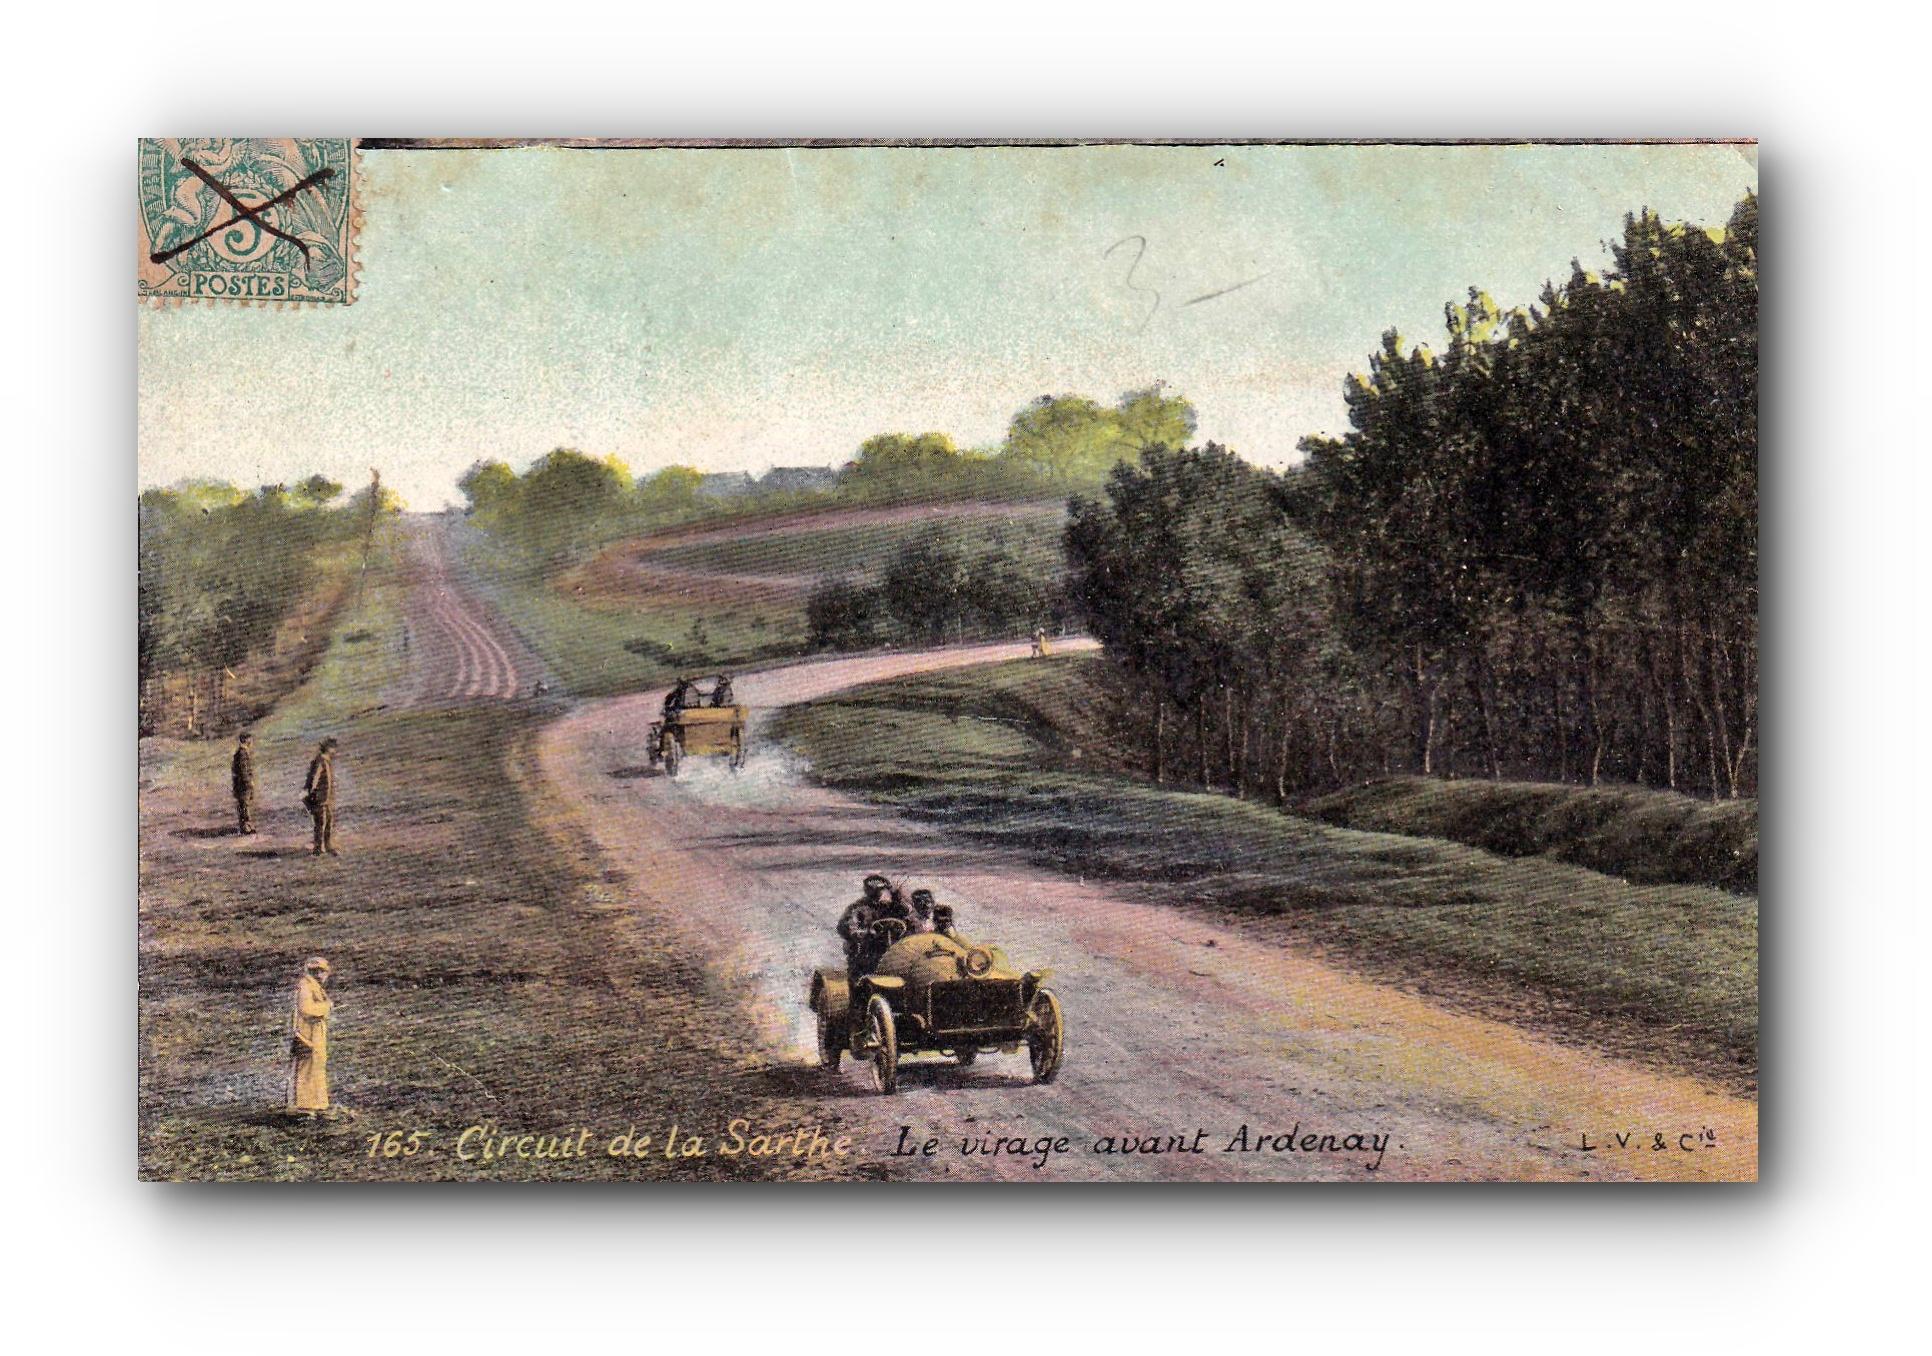 Circuit de la Sarthe - 20.04.1906 - Rundkurs an der Sarthe - Circuit on the Sarthe